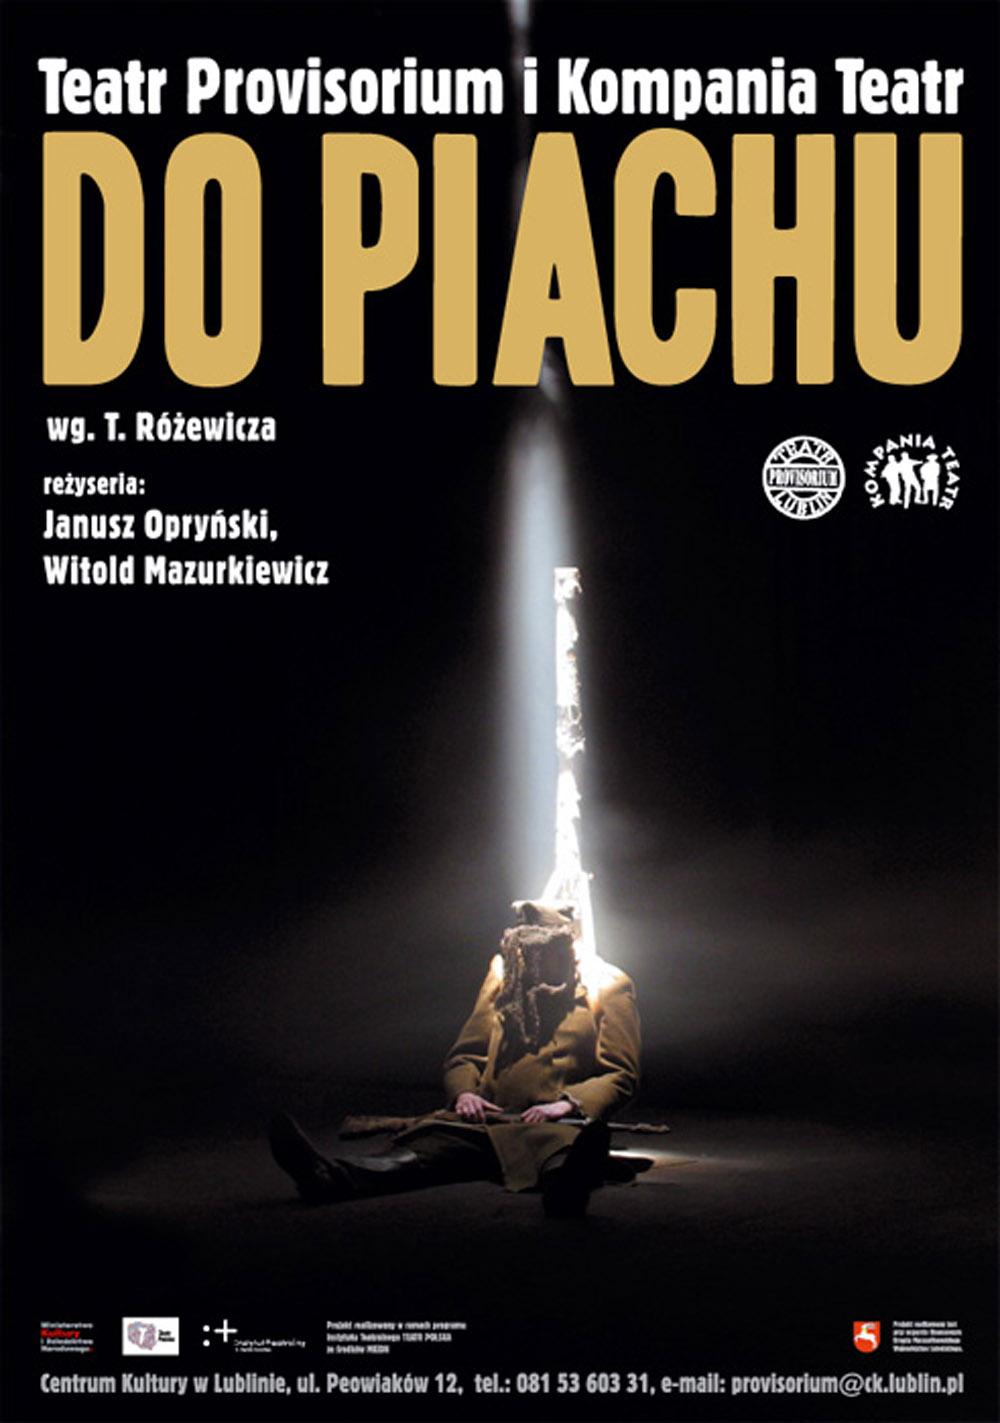 """Plakat do spektaklu """"Do piachu"""", reż. Janusz Opryński i Witold Mazurkiewicz (Teatr Provisorium i Kompania Teatr, Lublin)"""